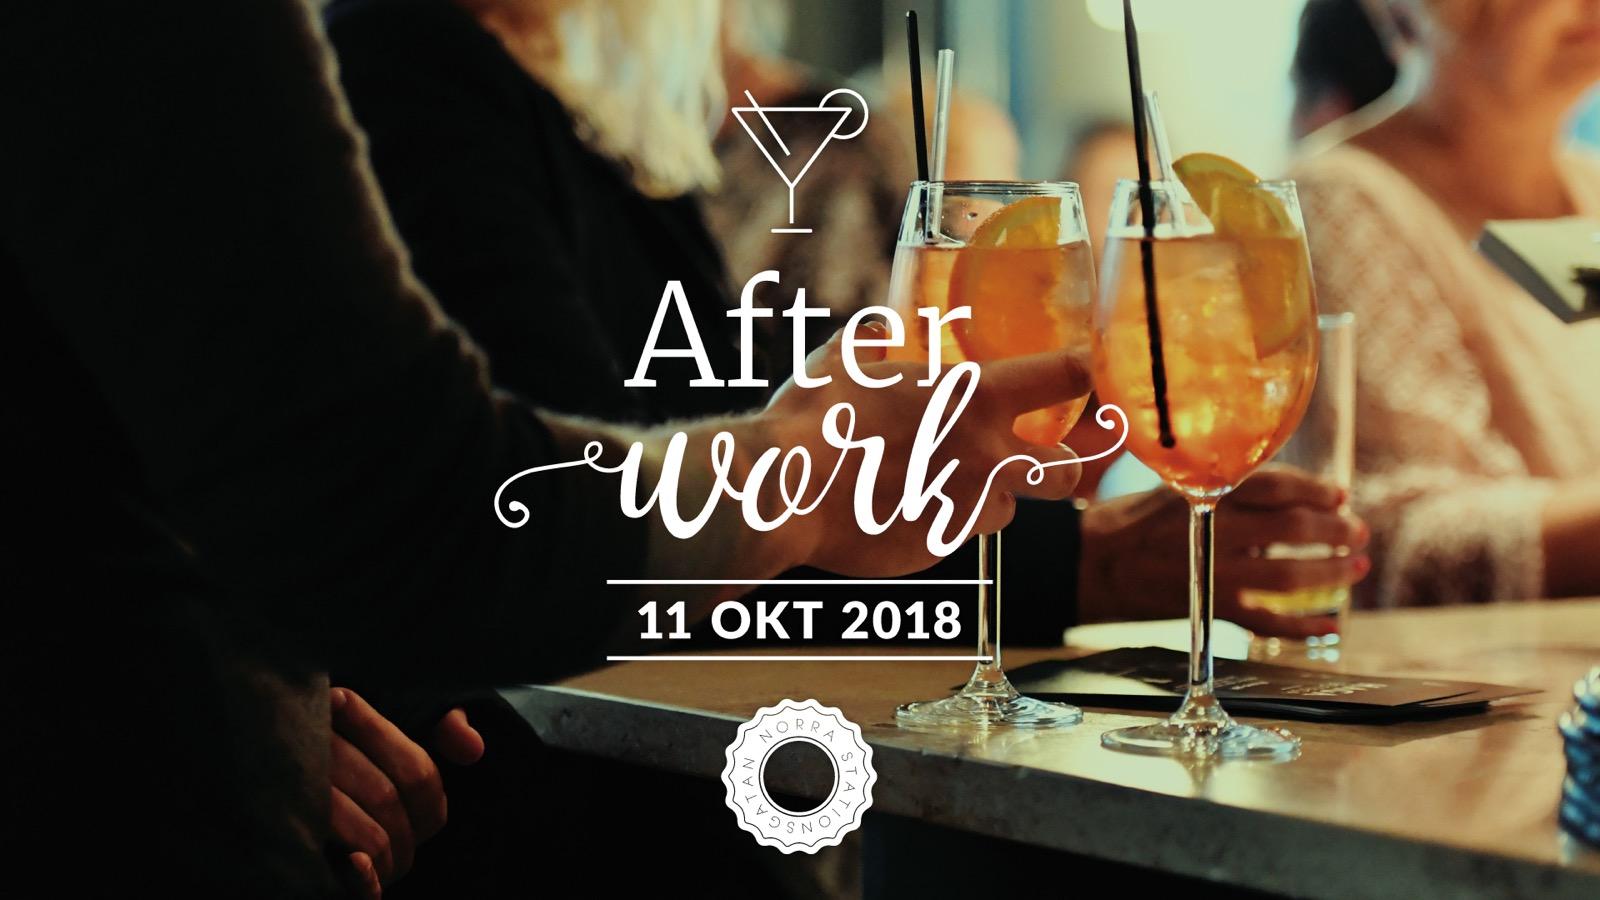 After-Work-Okt-2018-1920x1080px-1-resize-jpg-1600px.jpg